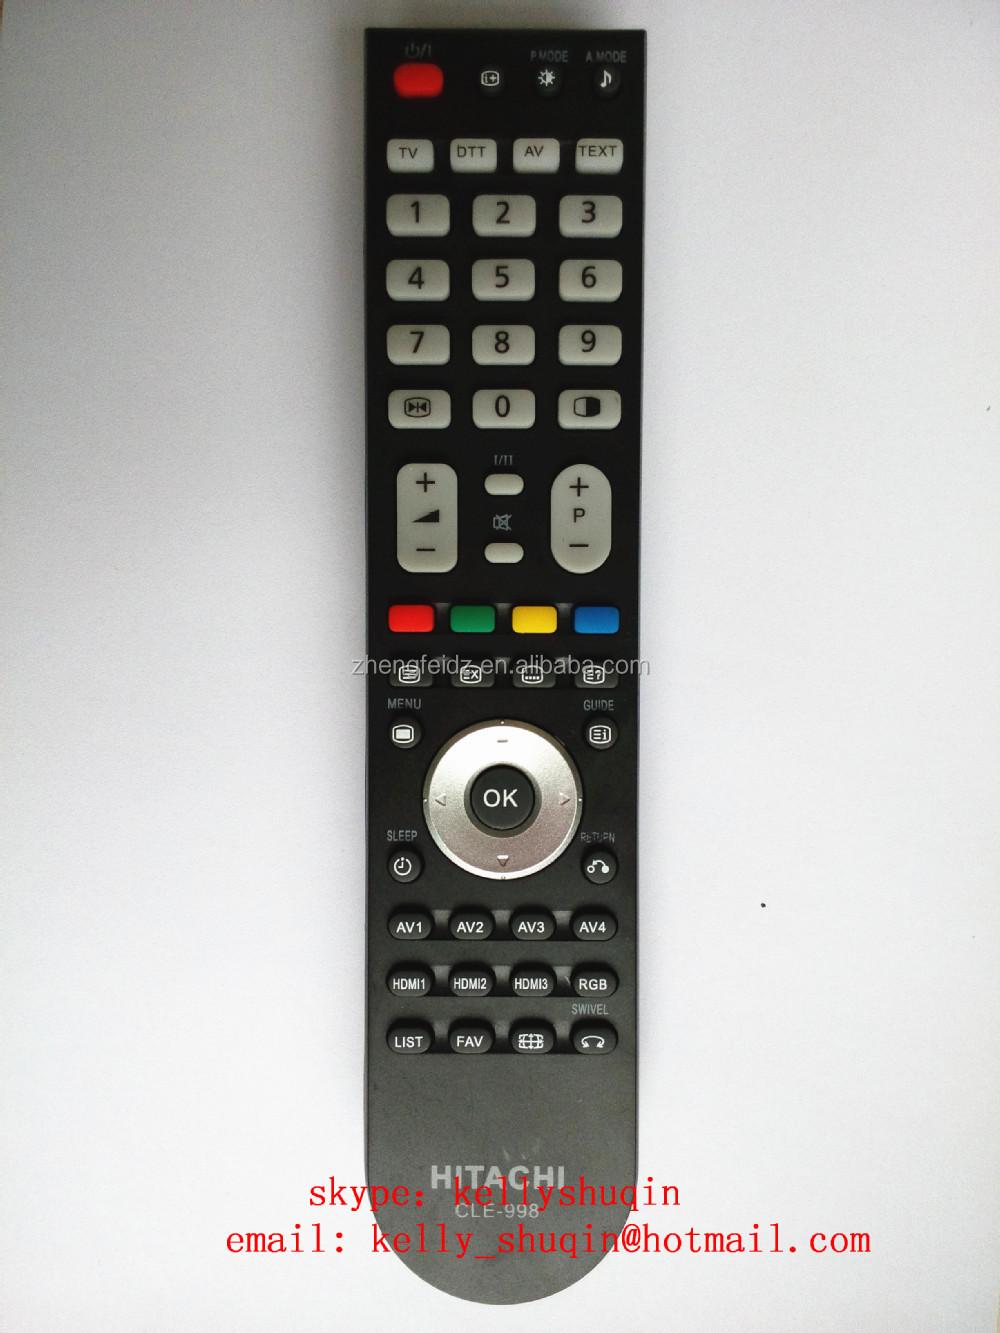 hitachi tv remote. lcd remote control for tv hitachi cle-998 cle-984 r